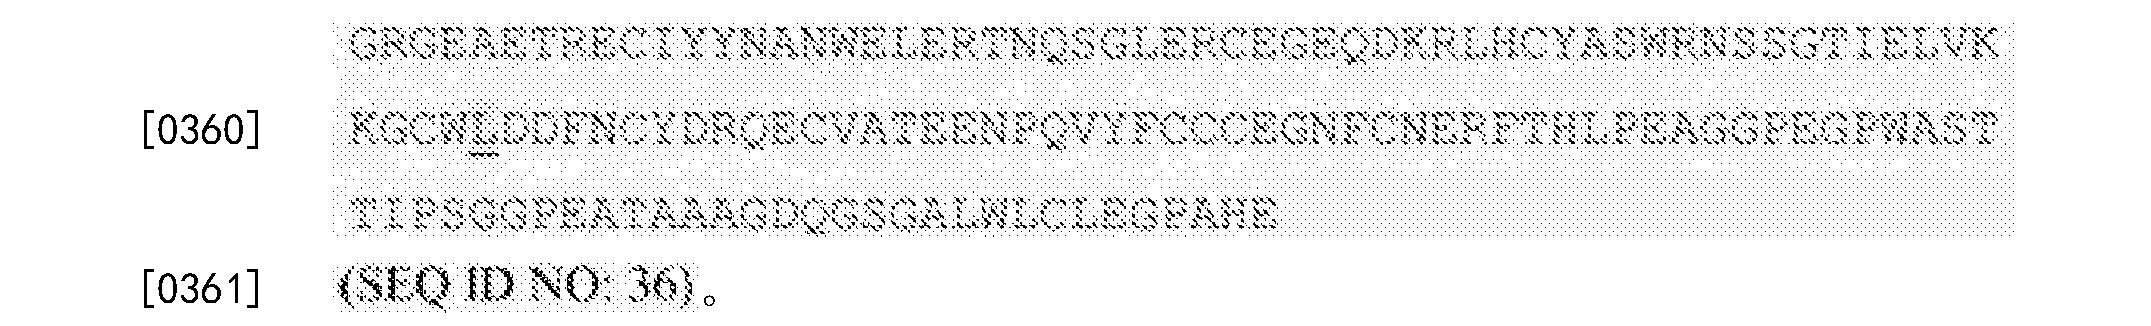 Figure CN103987403BD00551